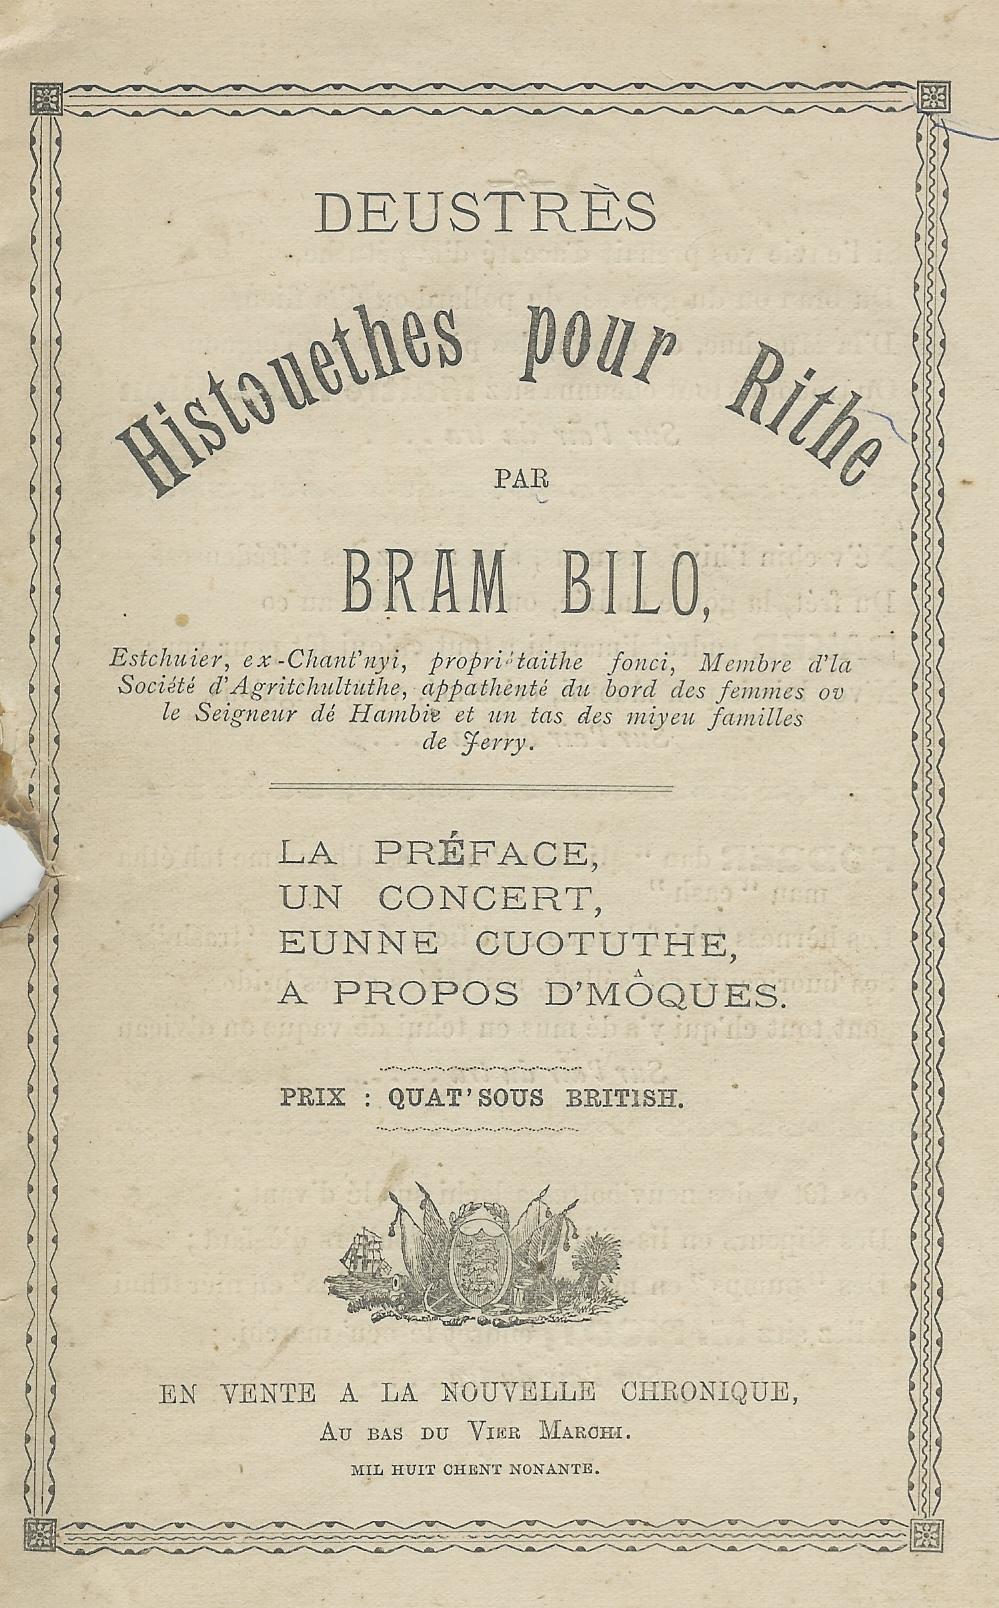 19th century literature: